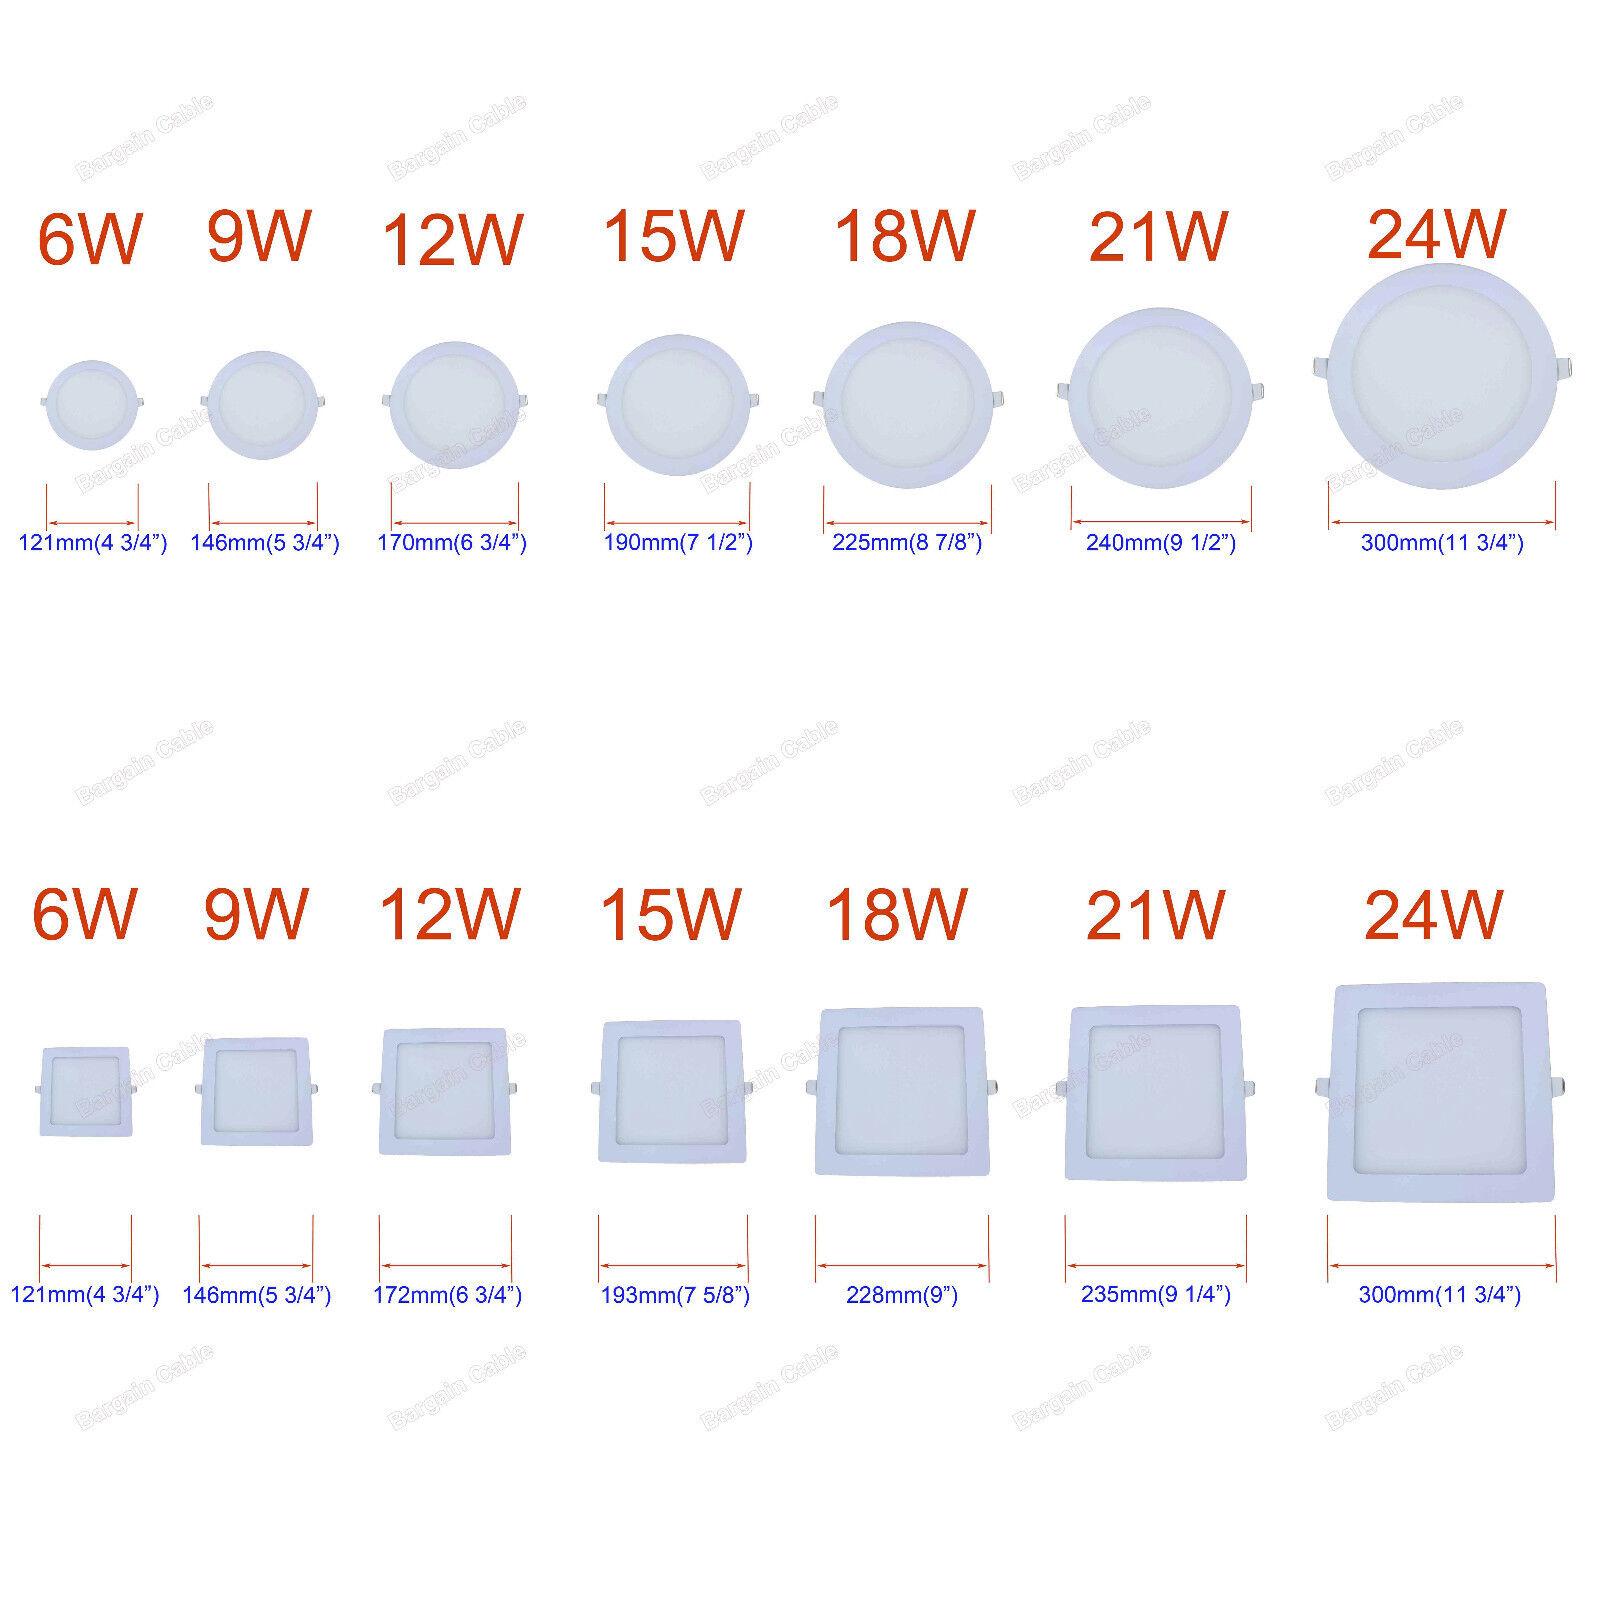 6W 9W 12W 15W 18W 21W 24W LED Recessed Ceiling Panel Light B